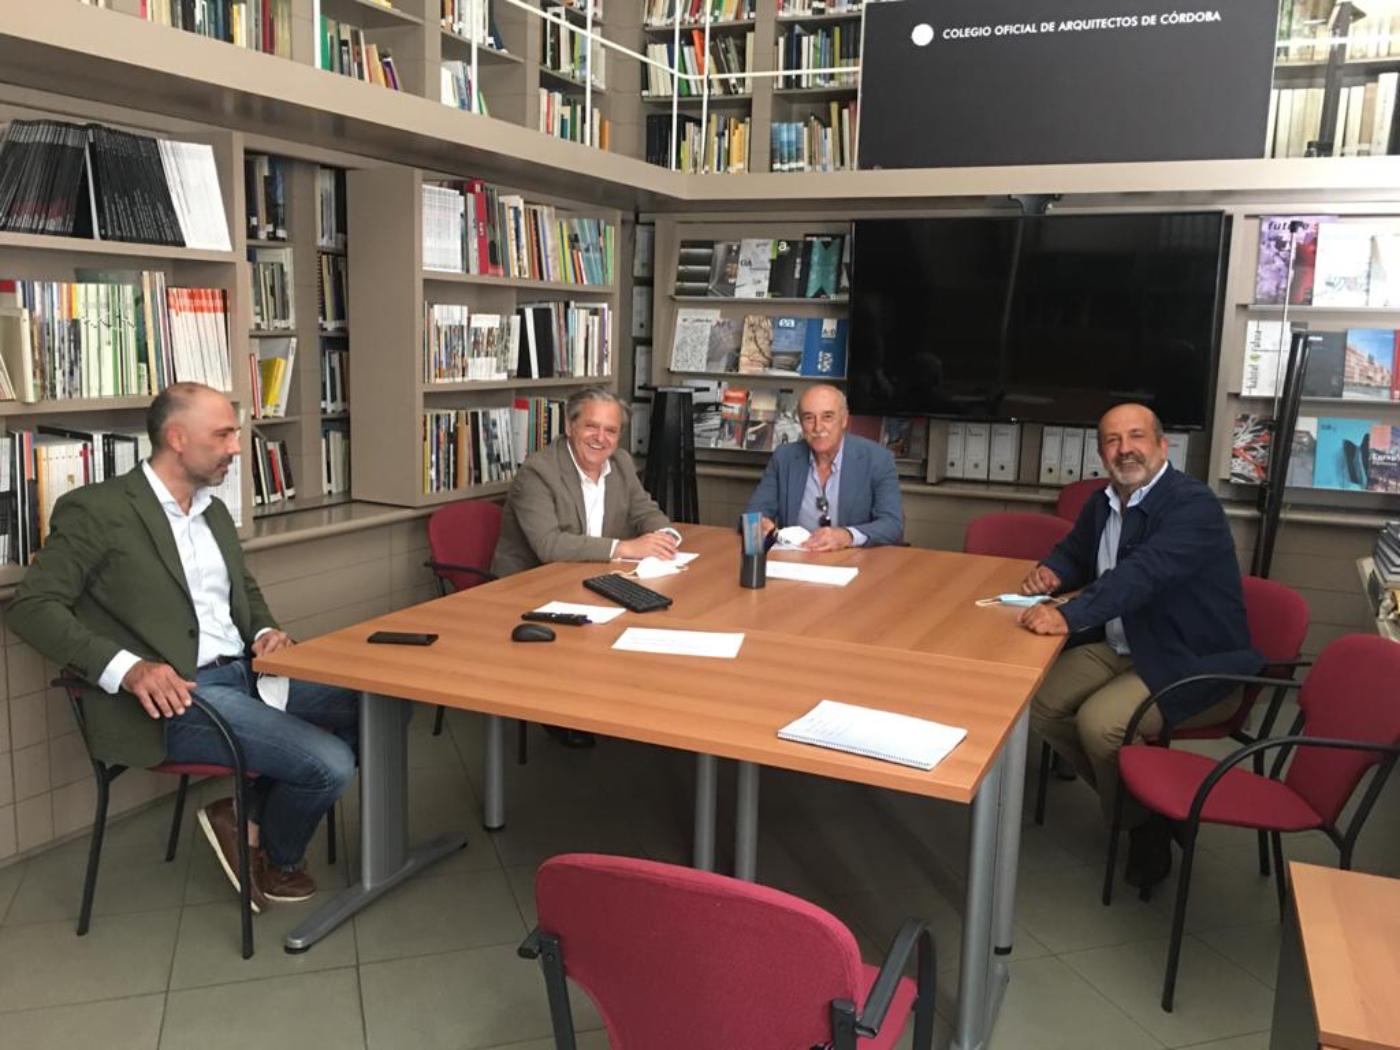 Guía práctica para la resolución de dudas sobre la aplicación de la normativa urbanística en Córdoba